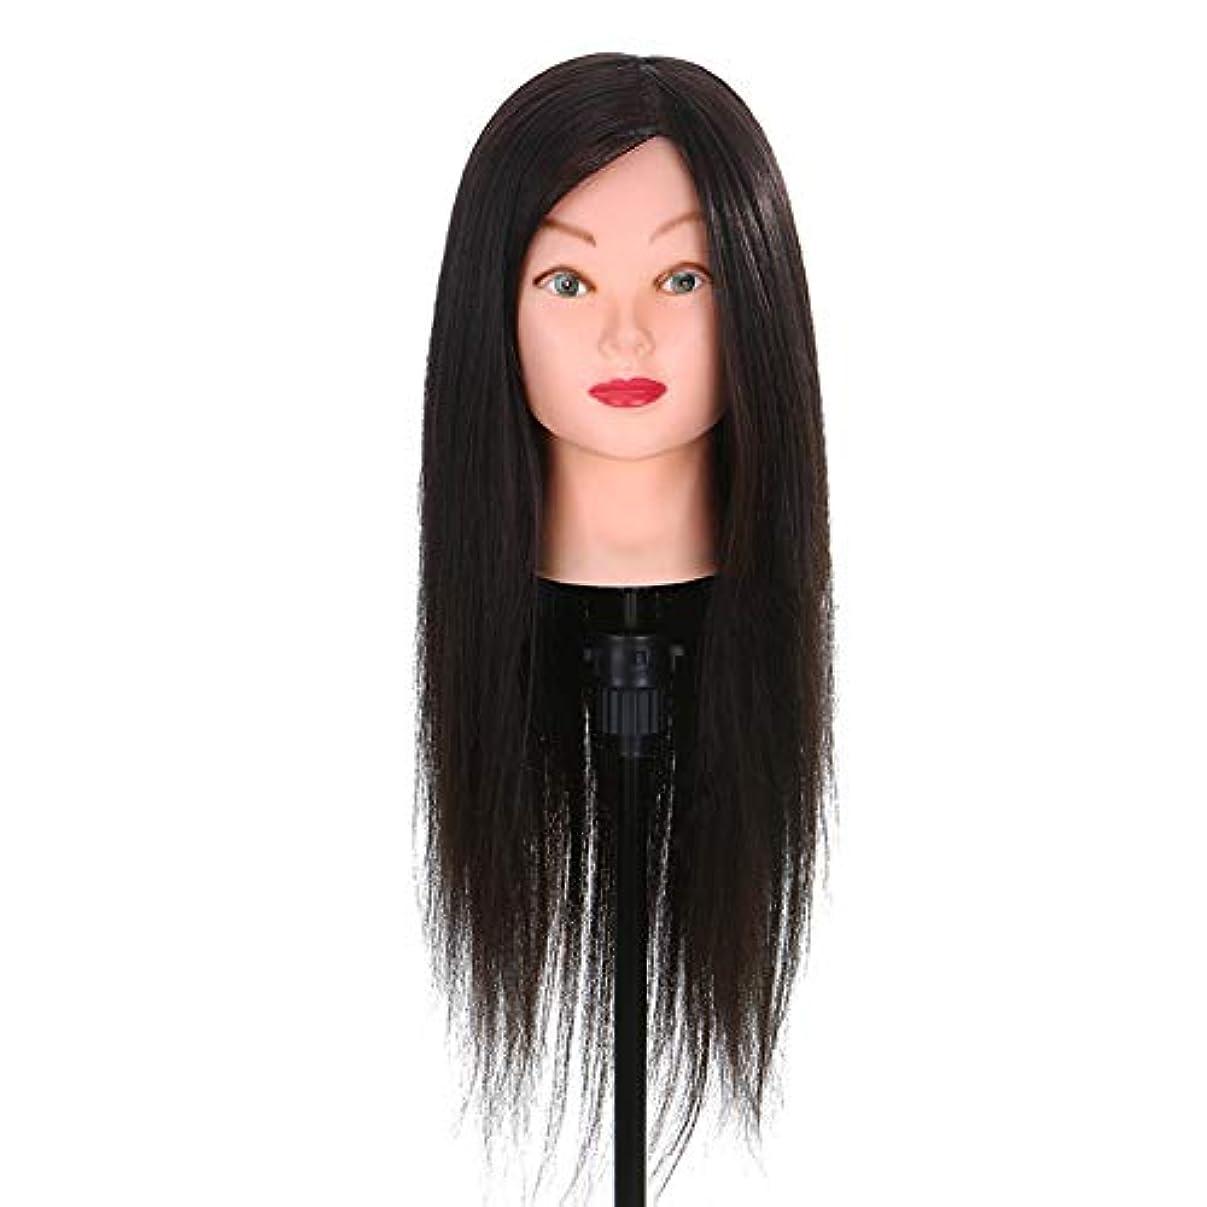 地中海達成行練習ディスク髪編組ヘアモデル理髪店スクールティーチングヘッドロングかつら美容マネキンヘッドブラケット